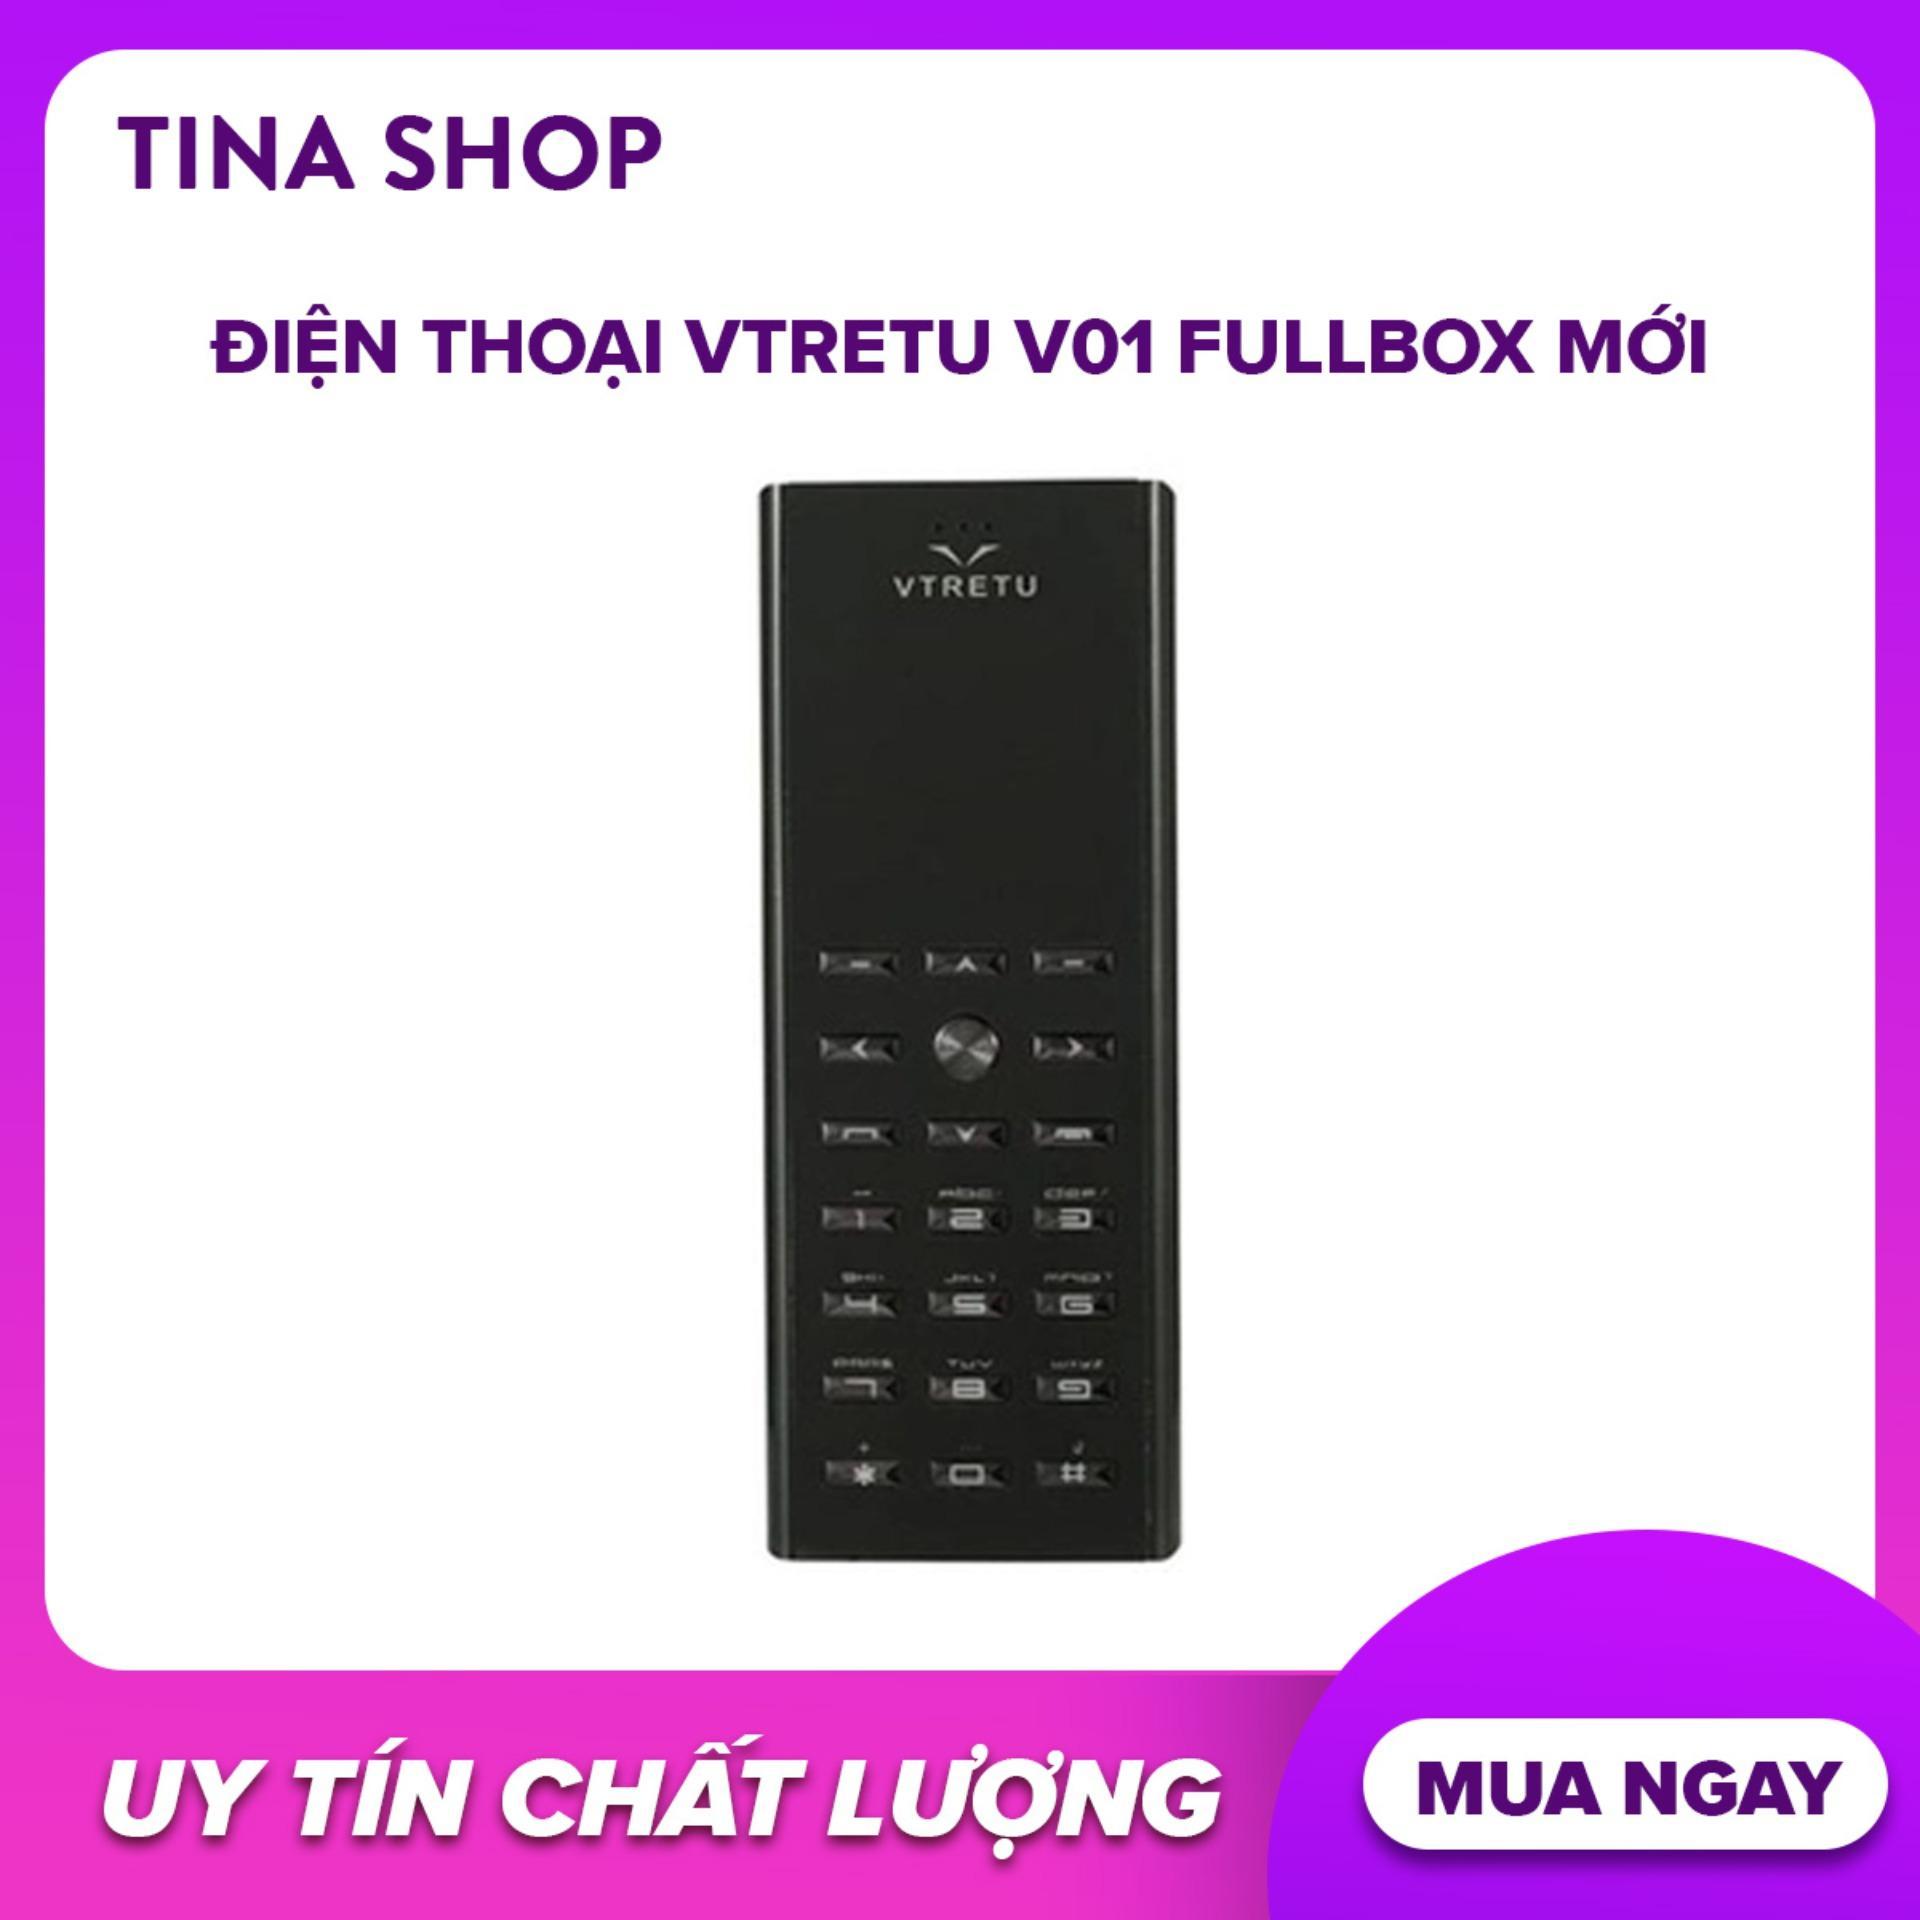 Điện thoại V01